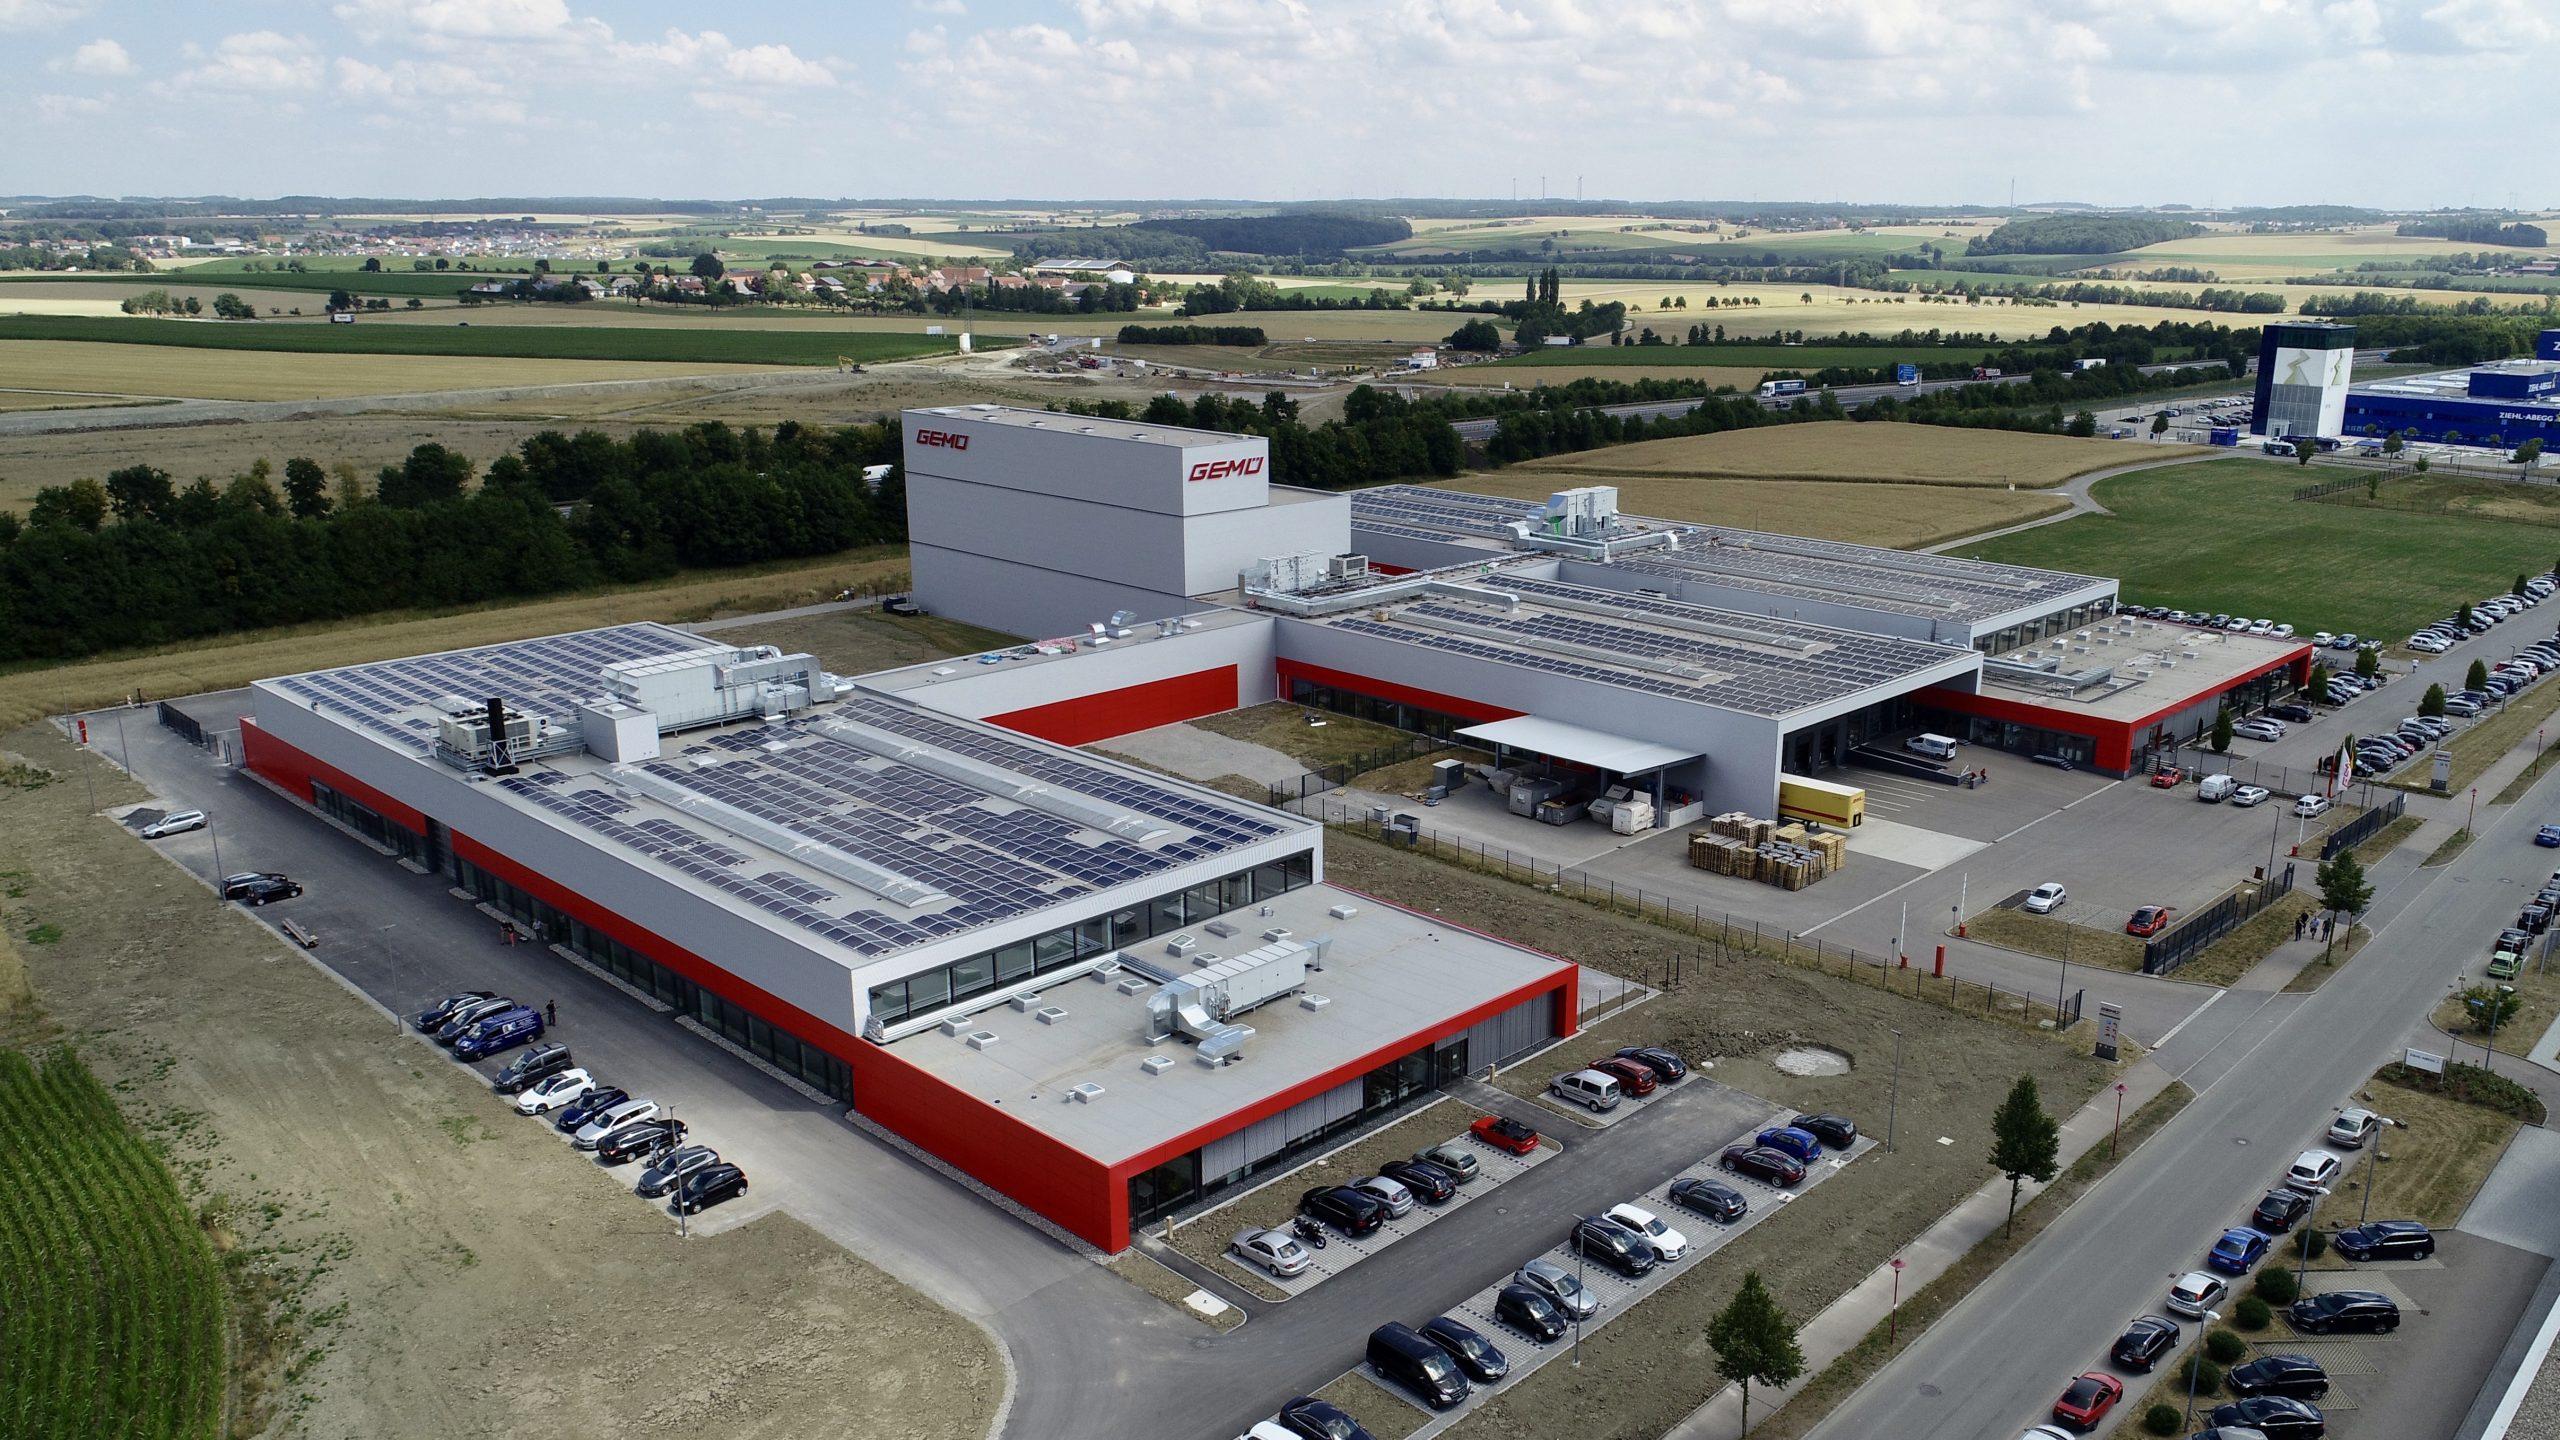 Im Jahr 1964 von Fritz Müller als unabhängiges Familienunternehmen gegründet, zählen zur inhabergeführten Unternehmensgruppe GEMÜ mit Hauptsitz in Ingelfingen-Criesbach heute 27 Tochter- und sechs Produktionsgesellschaften. In mehr als 50 Ländern erwirtschaften über 1.900 Mitarbeiter, davon 1.100 in Deutschland, einen Jahresumsatz von über 330 Mio. Euro. Im Bild ist das Produktions- und Logistikzentrum Europa zu sehen. Der Standort in Kupferzell bietet Platz für Montage, Logistik und Distribution. (Bild: GEMÜ Gruppe)